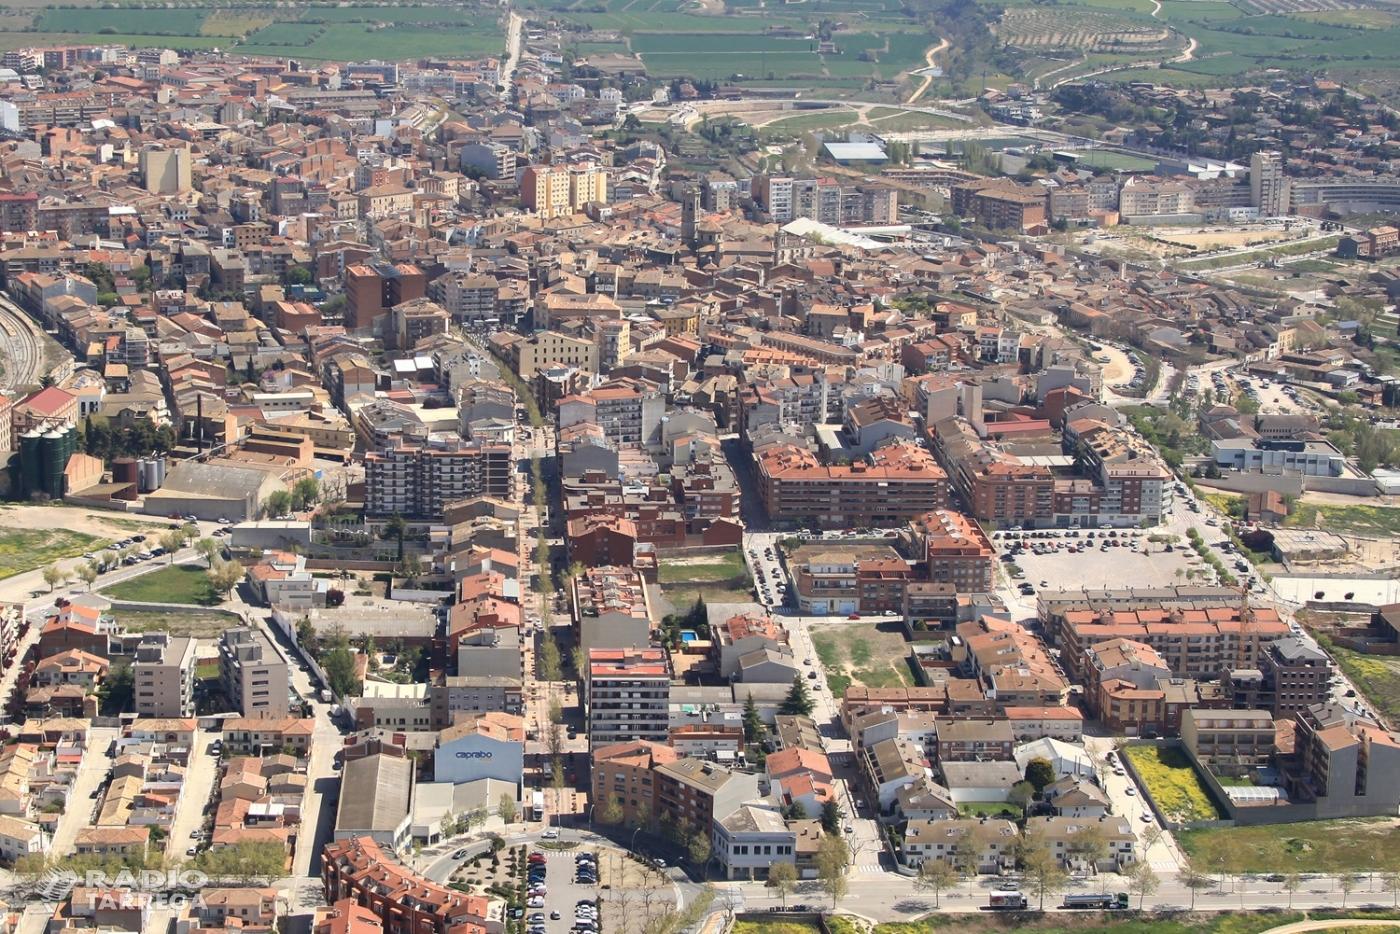 L'Ajuntament de Tàrrega facilitarà a bars i restaurants l'ampliació de l'espai de les terrasses a la via pública